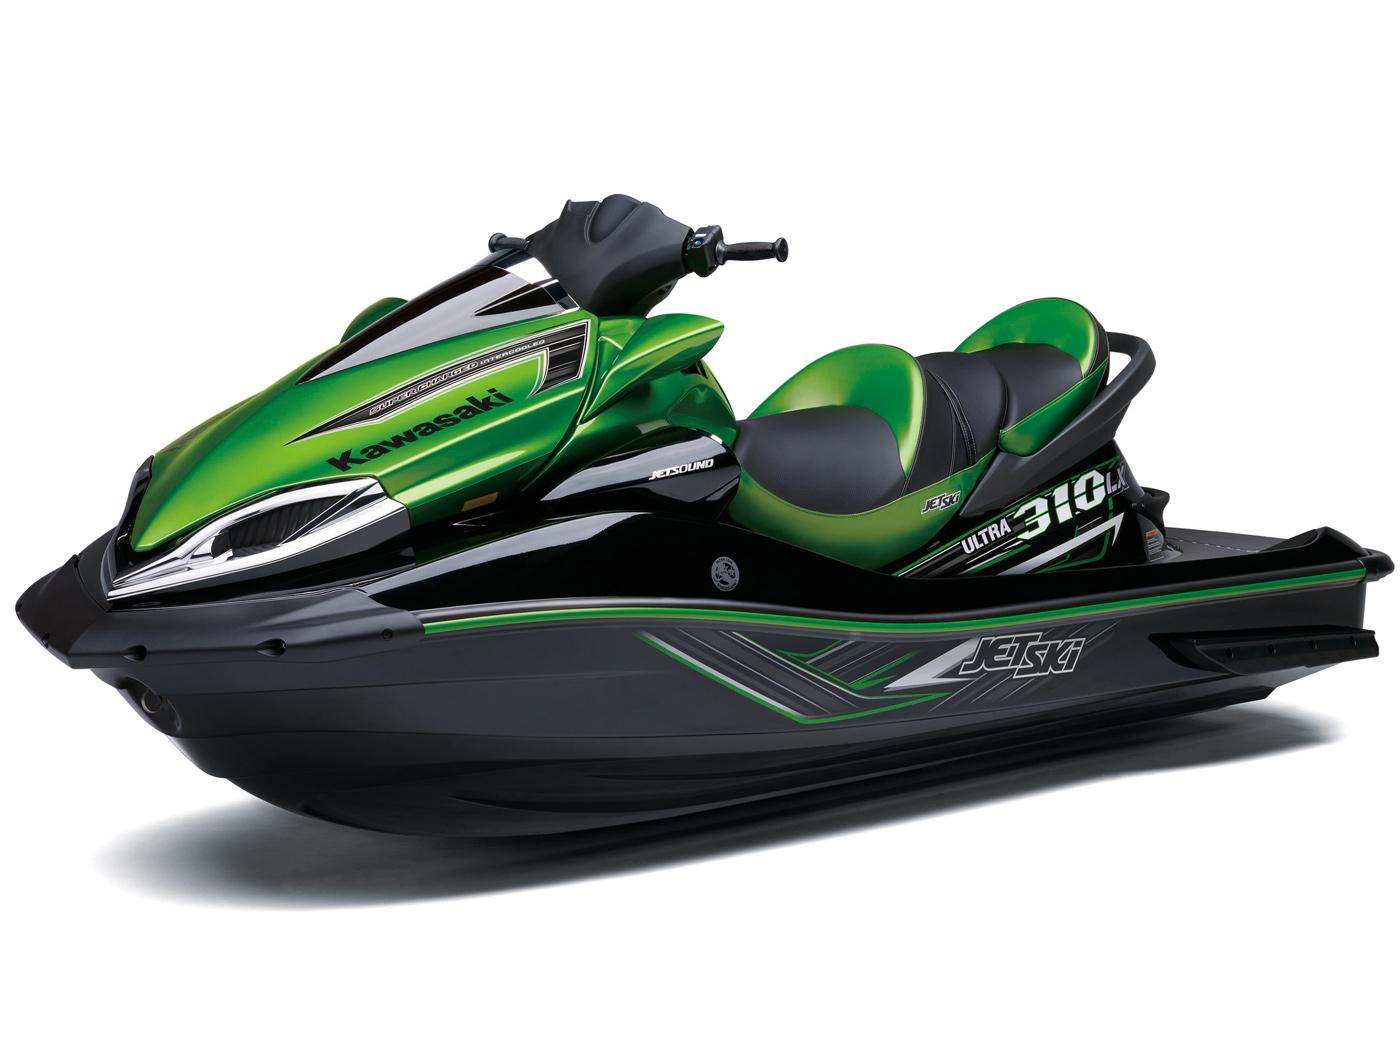 KAWASAKI 2014 JET SKI ULTRA 310 LX JT1500MEF - On Wheels